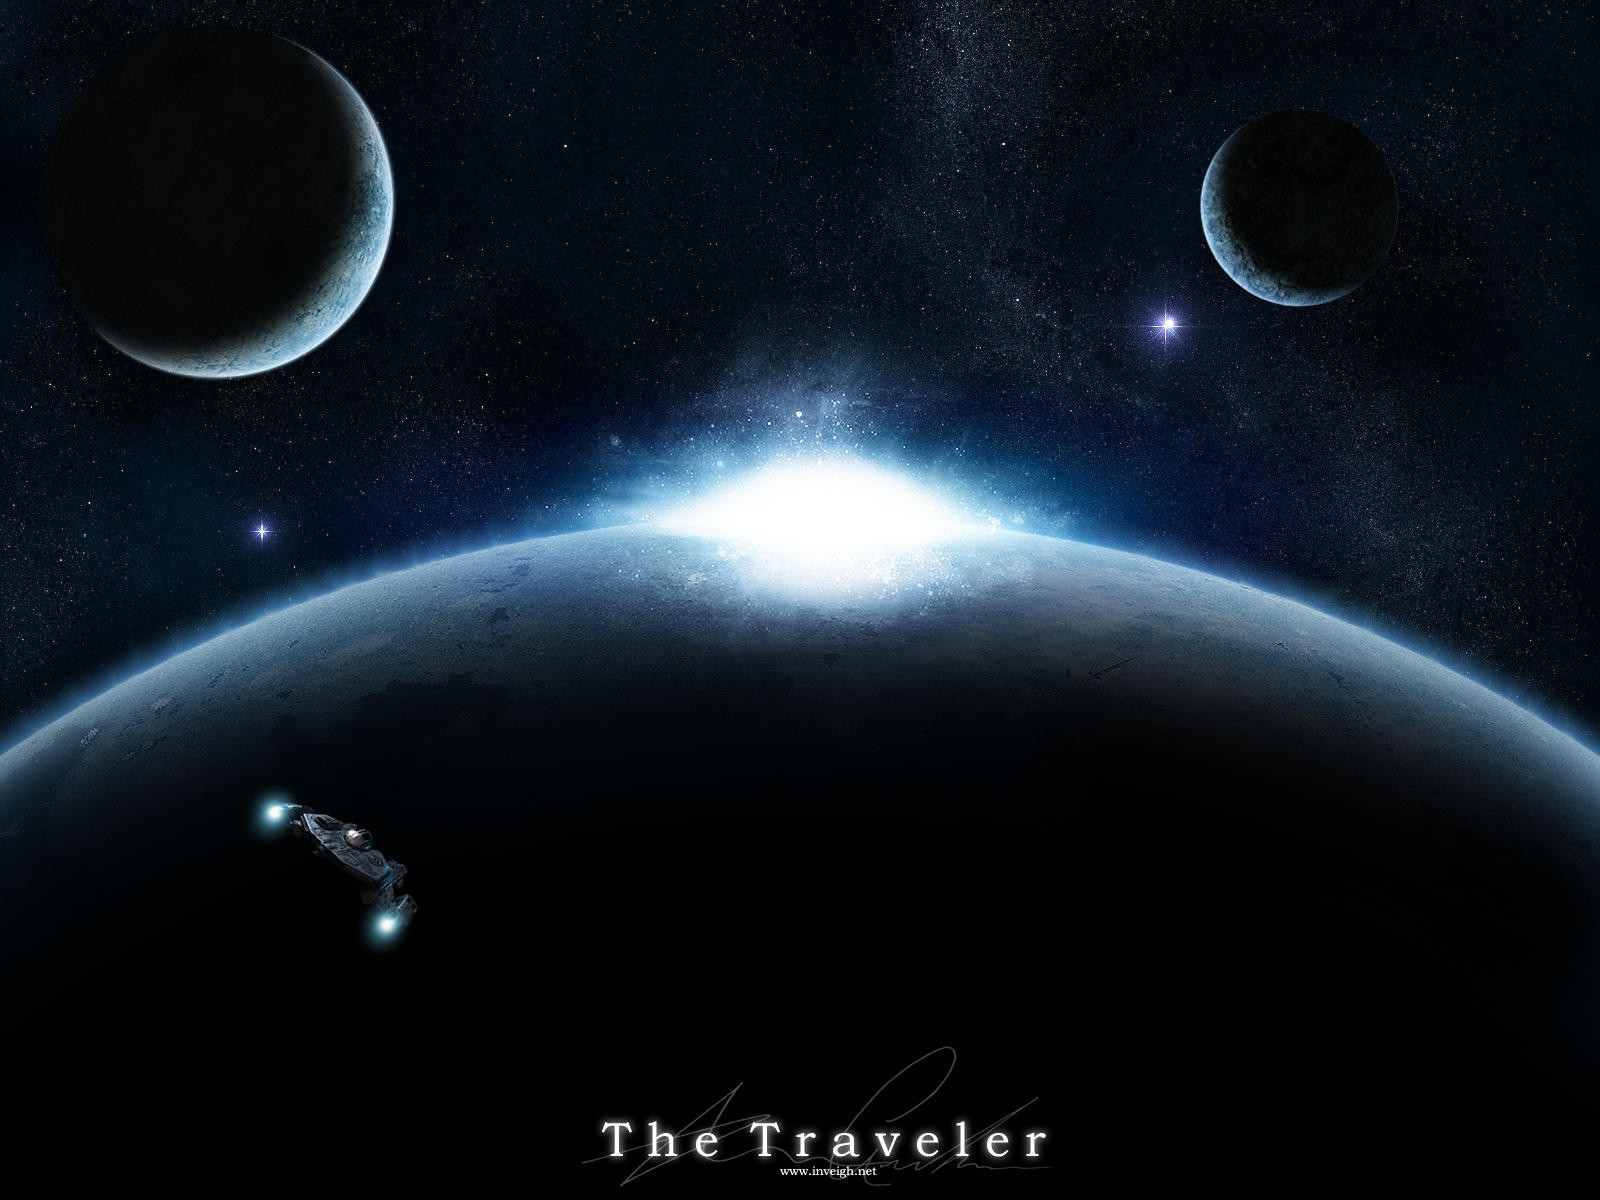 The Traveler by psamtik